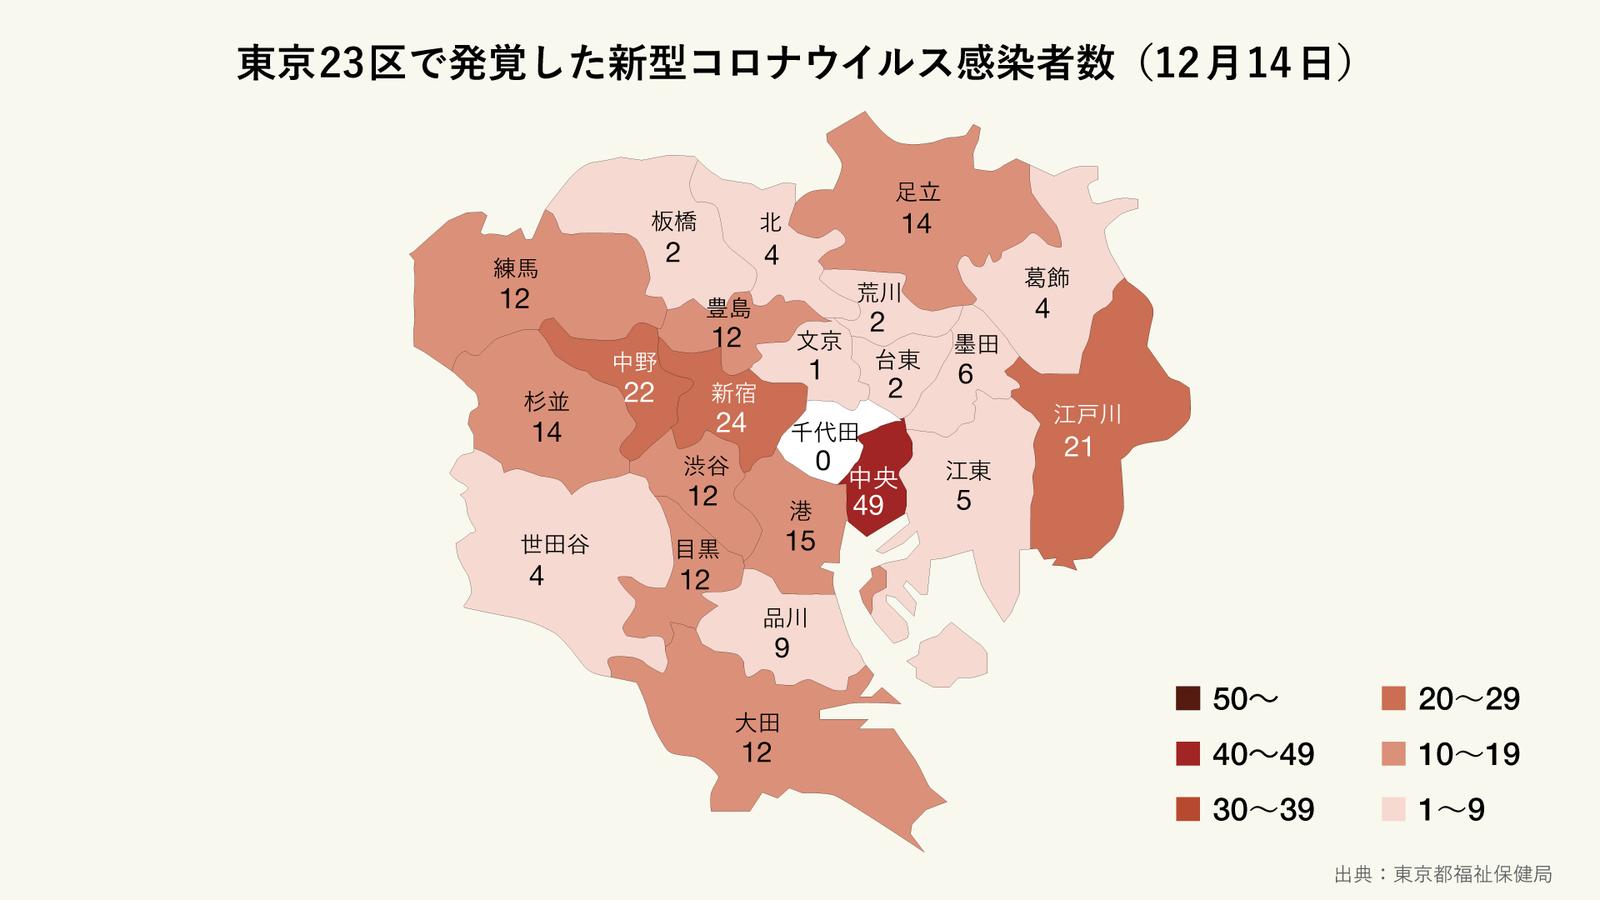 12月14日に発覚した東京23区の区ごとの新型コロナウイルス感染者数(マップ)